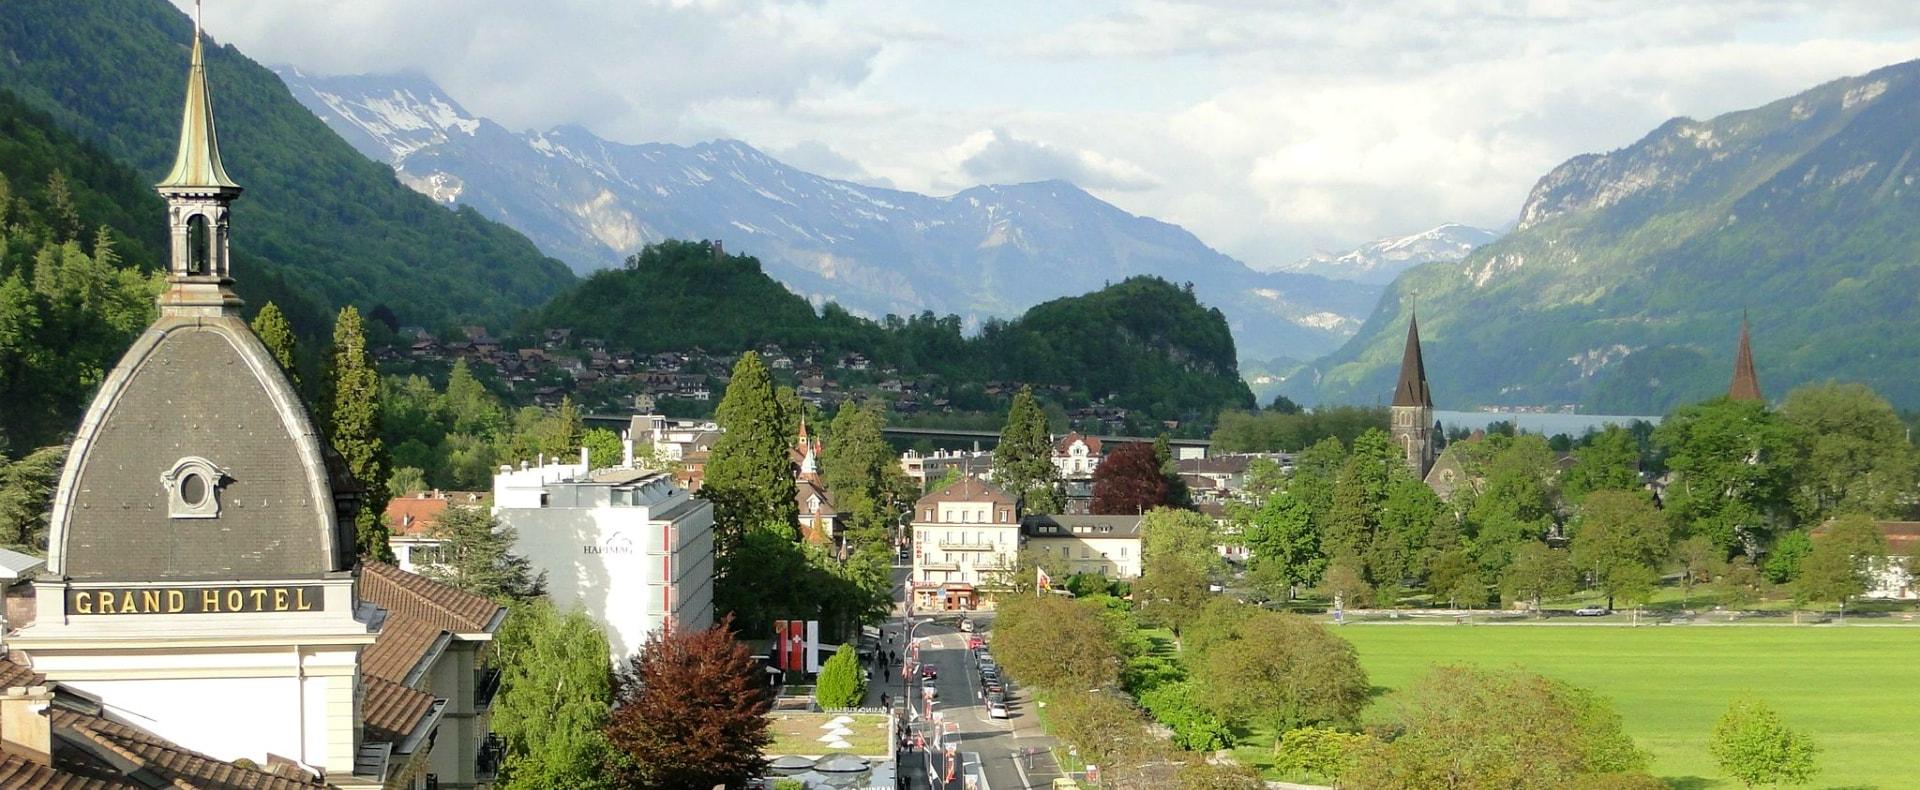 Interlaken, Switzerland gallery